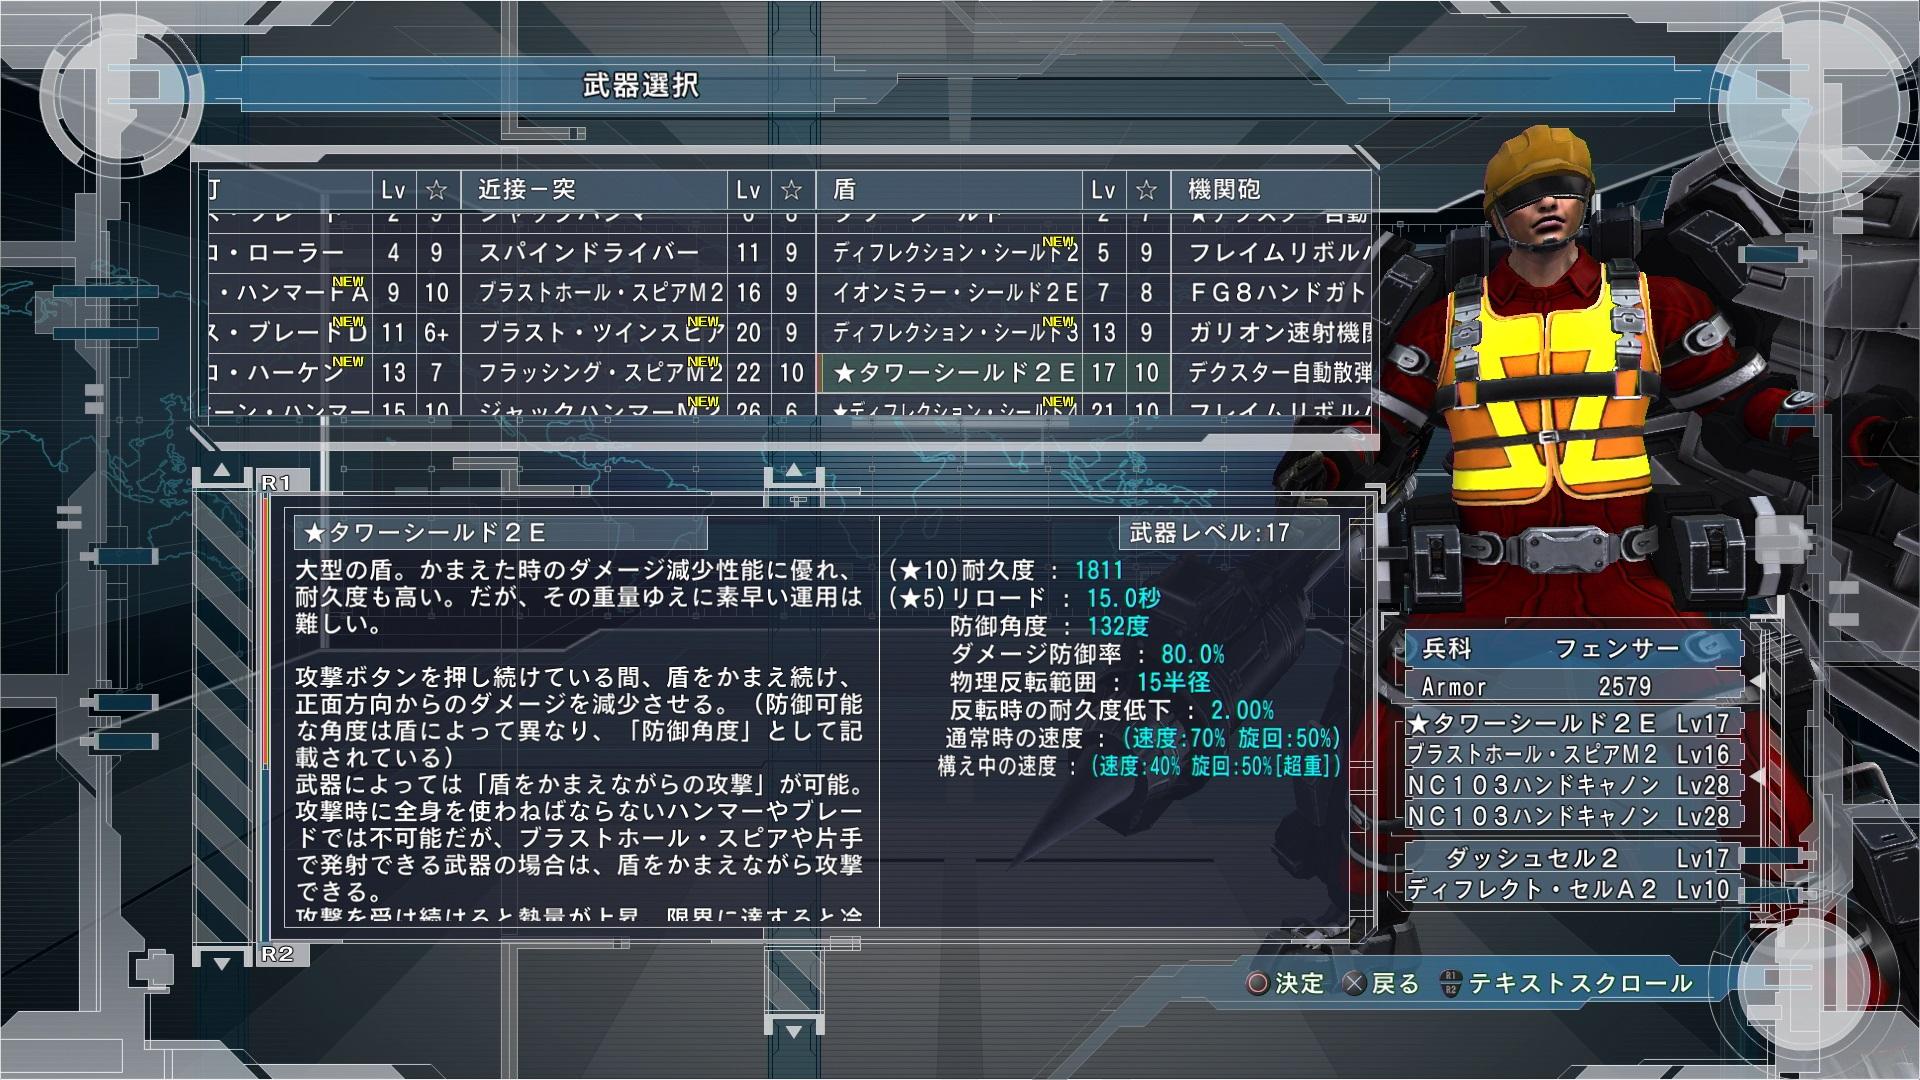 ウイング ダイバー おすすめ 武器 地球 防衛 軍 5